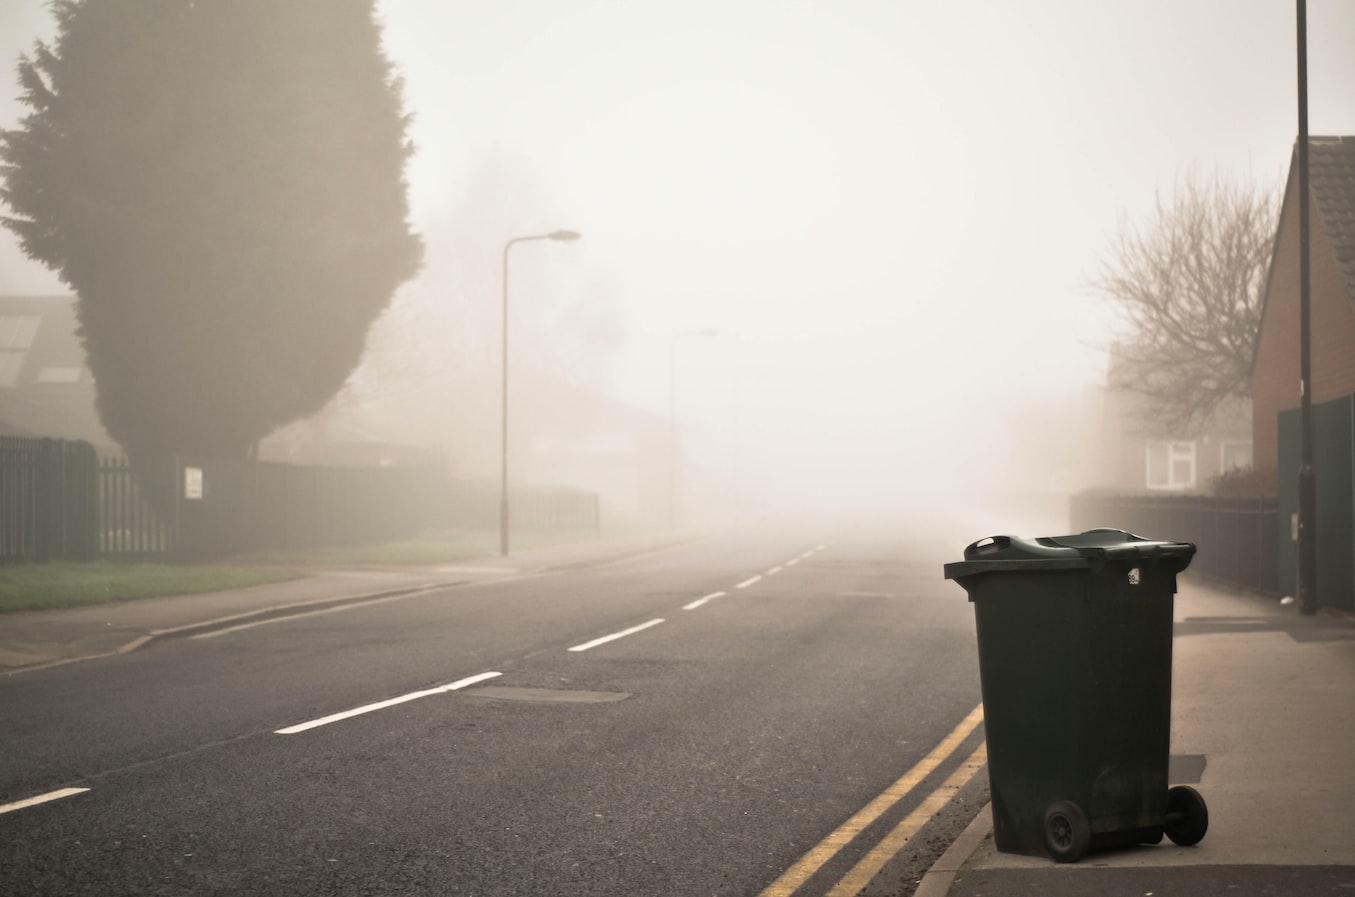 Mülltonne steht an der Seite einer Straße im Morgengrauen